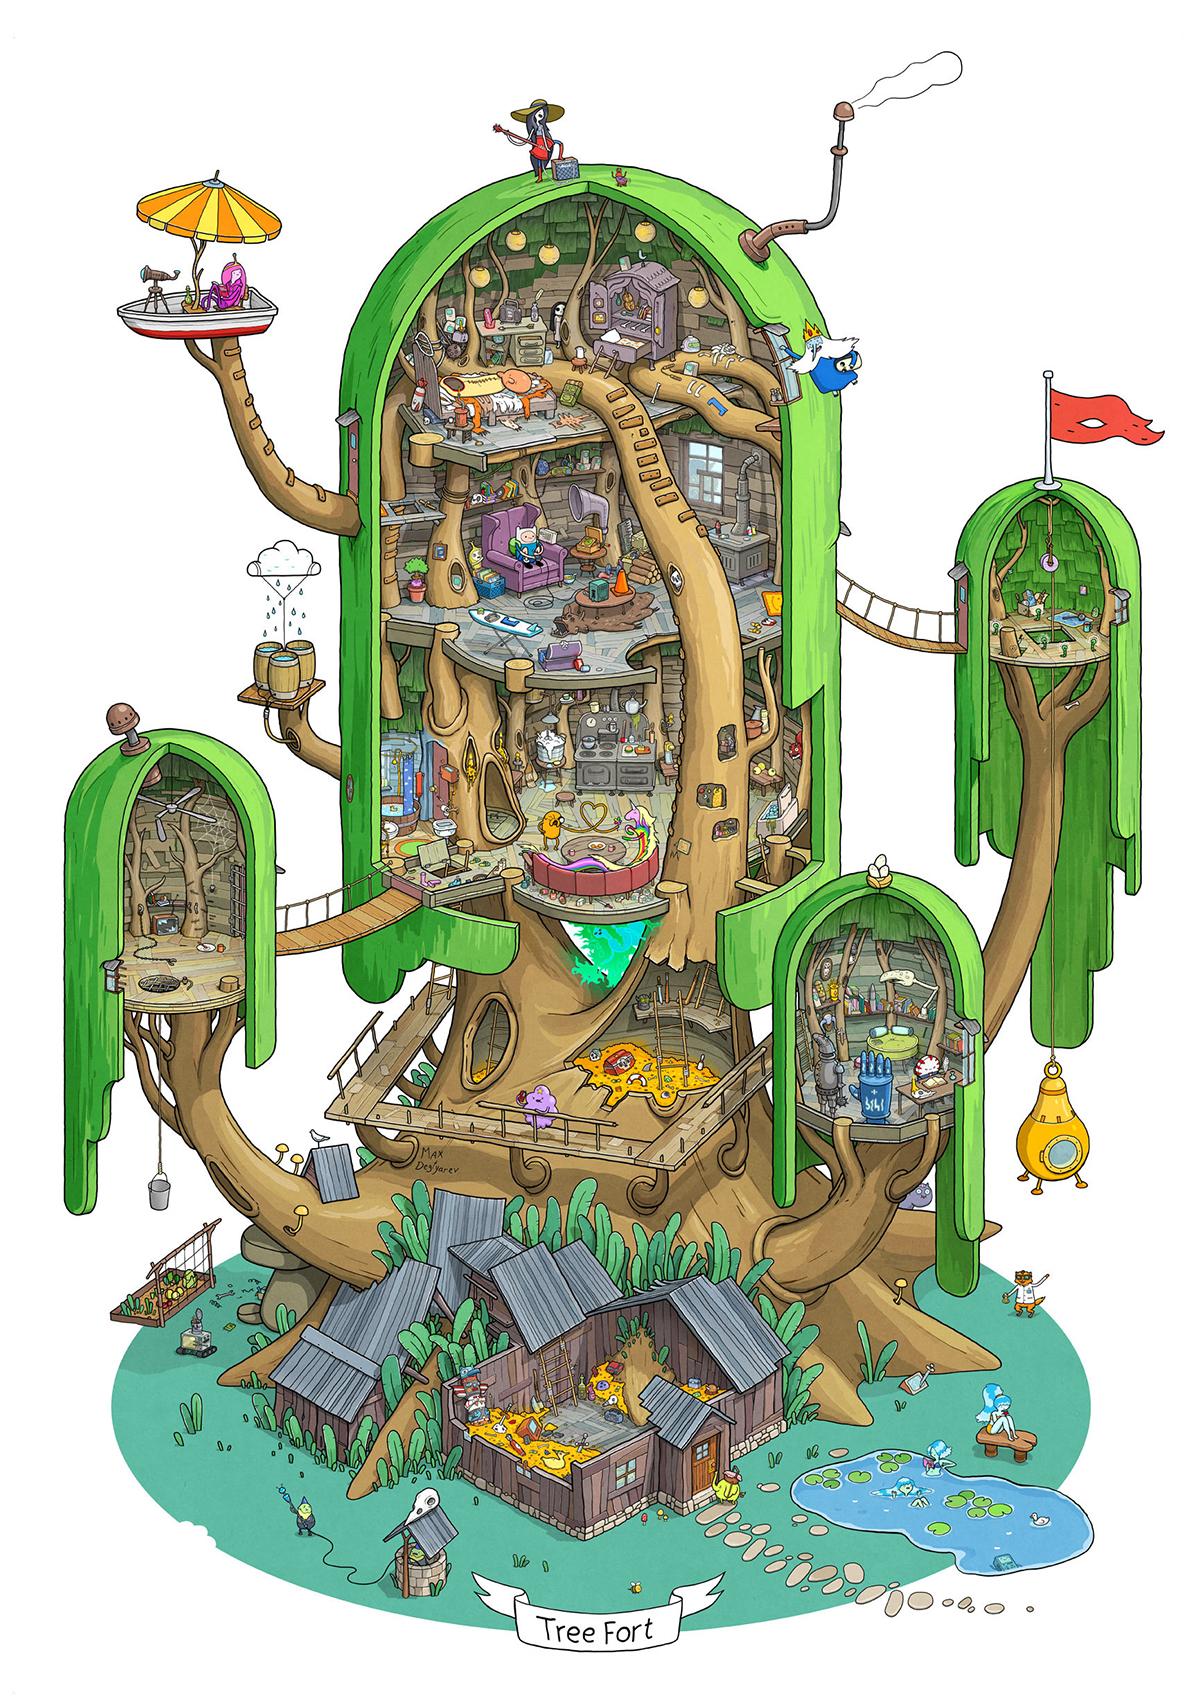 L'albero di Finn e Jake illustrato